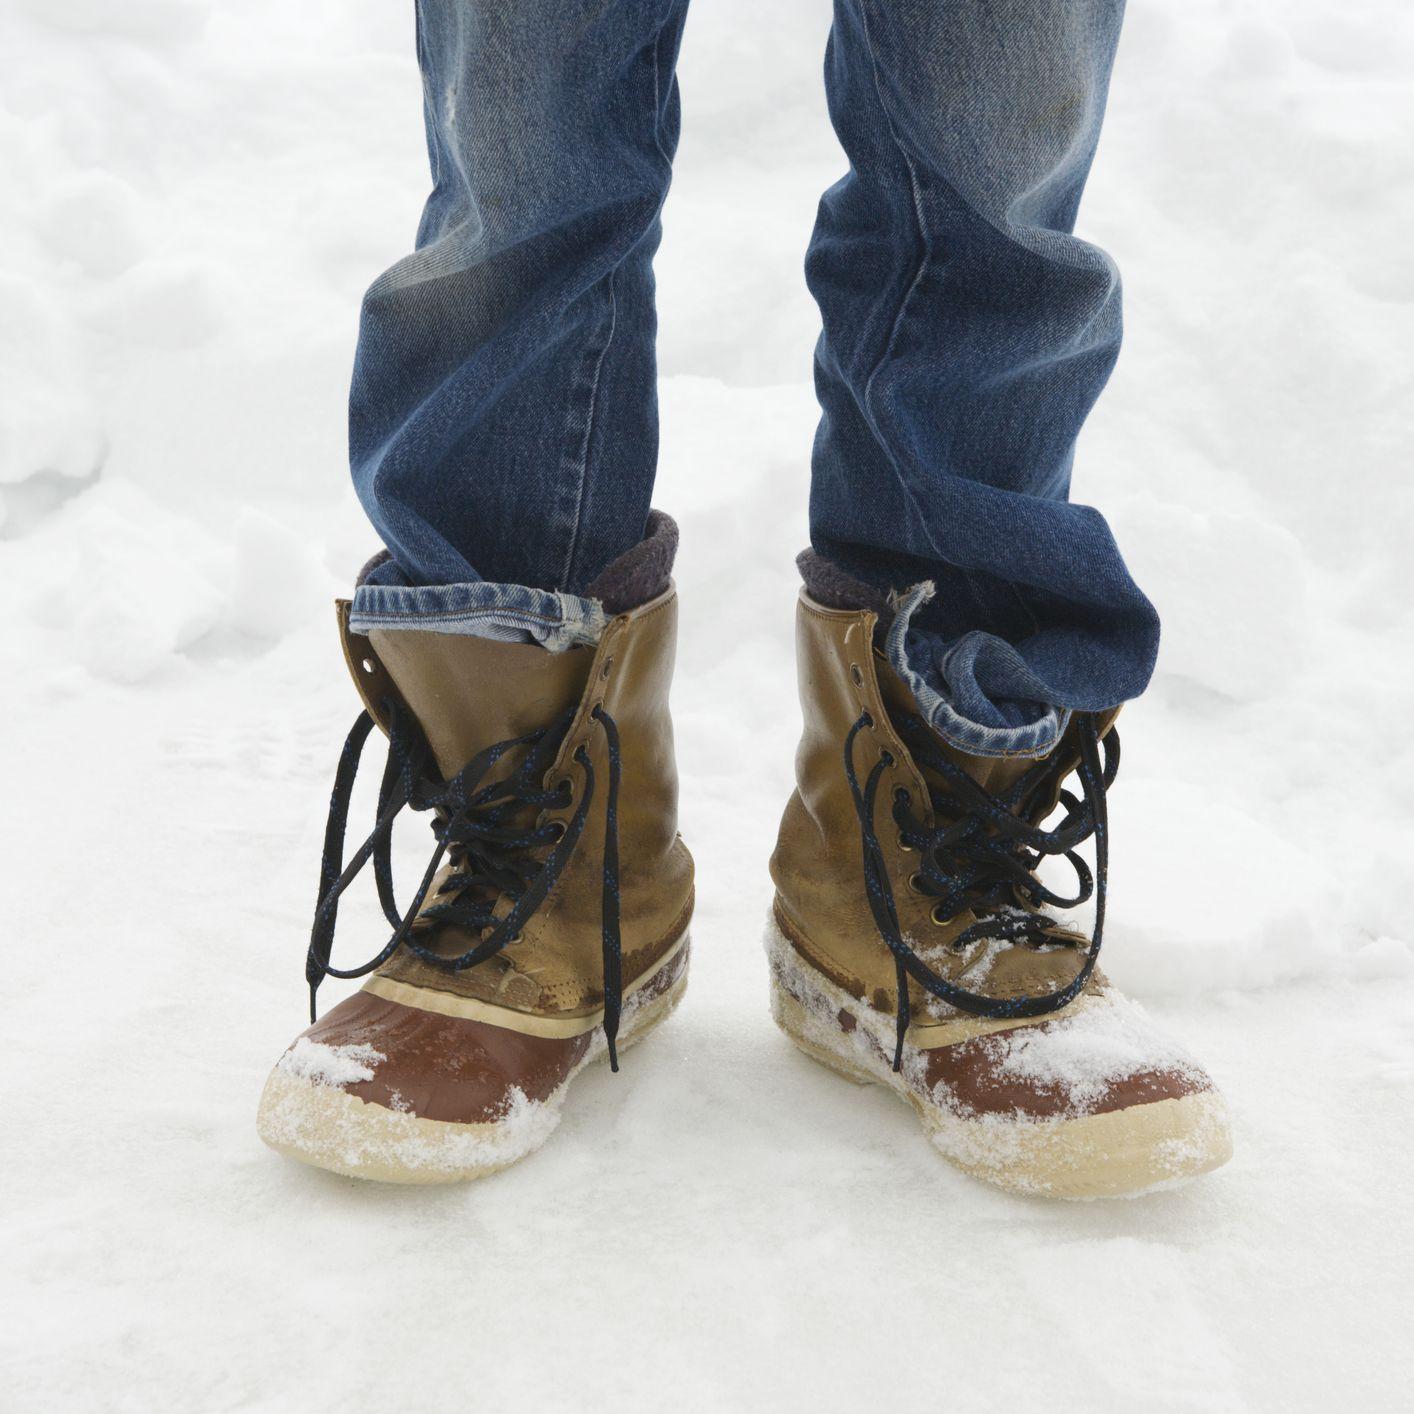 727652108ca The 8 Best Men's Winter Boots of 2019